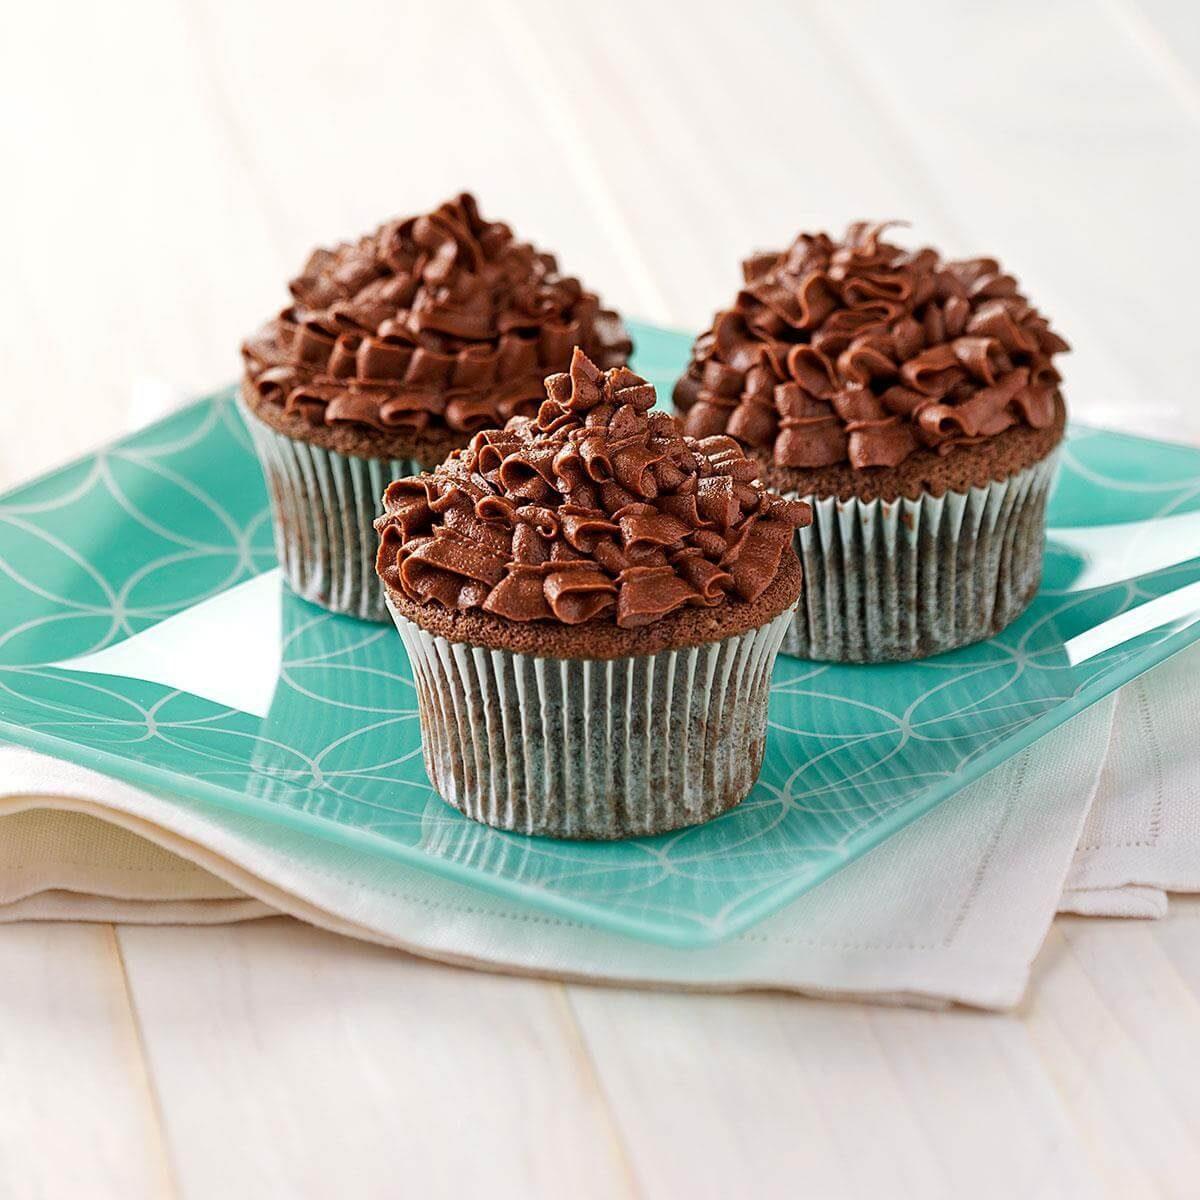 Sour Cream Chocolate Cupcakes Recipe | Taste of Home